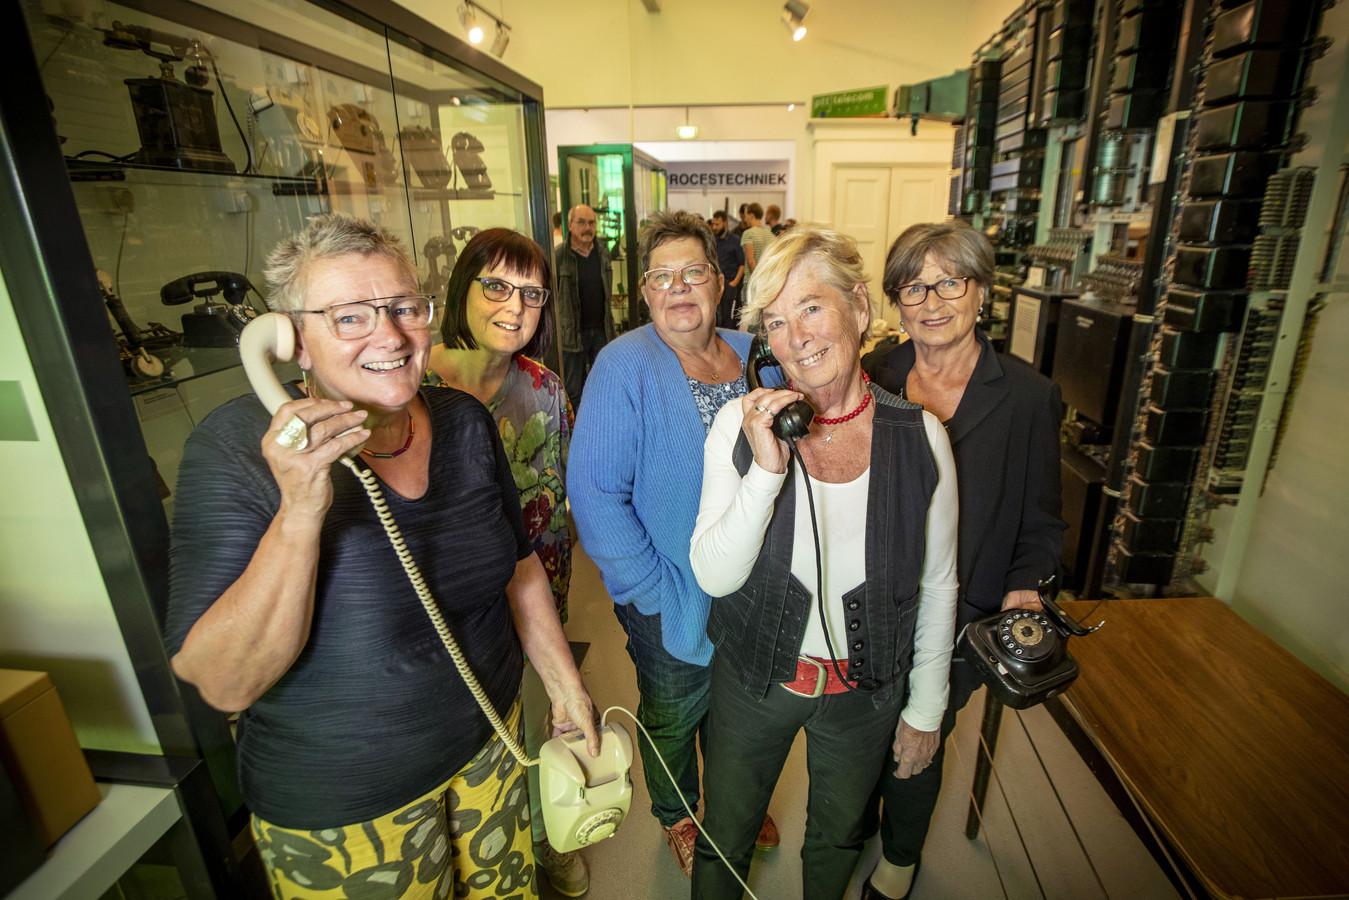 Op de foto vlnr: Rienke Vlietstra, Marjan Lansink, Titia Tjeerdsma, Ria Wekking-Sanders en Elly Rikkerink-Seelen.